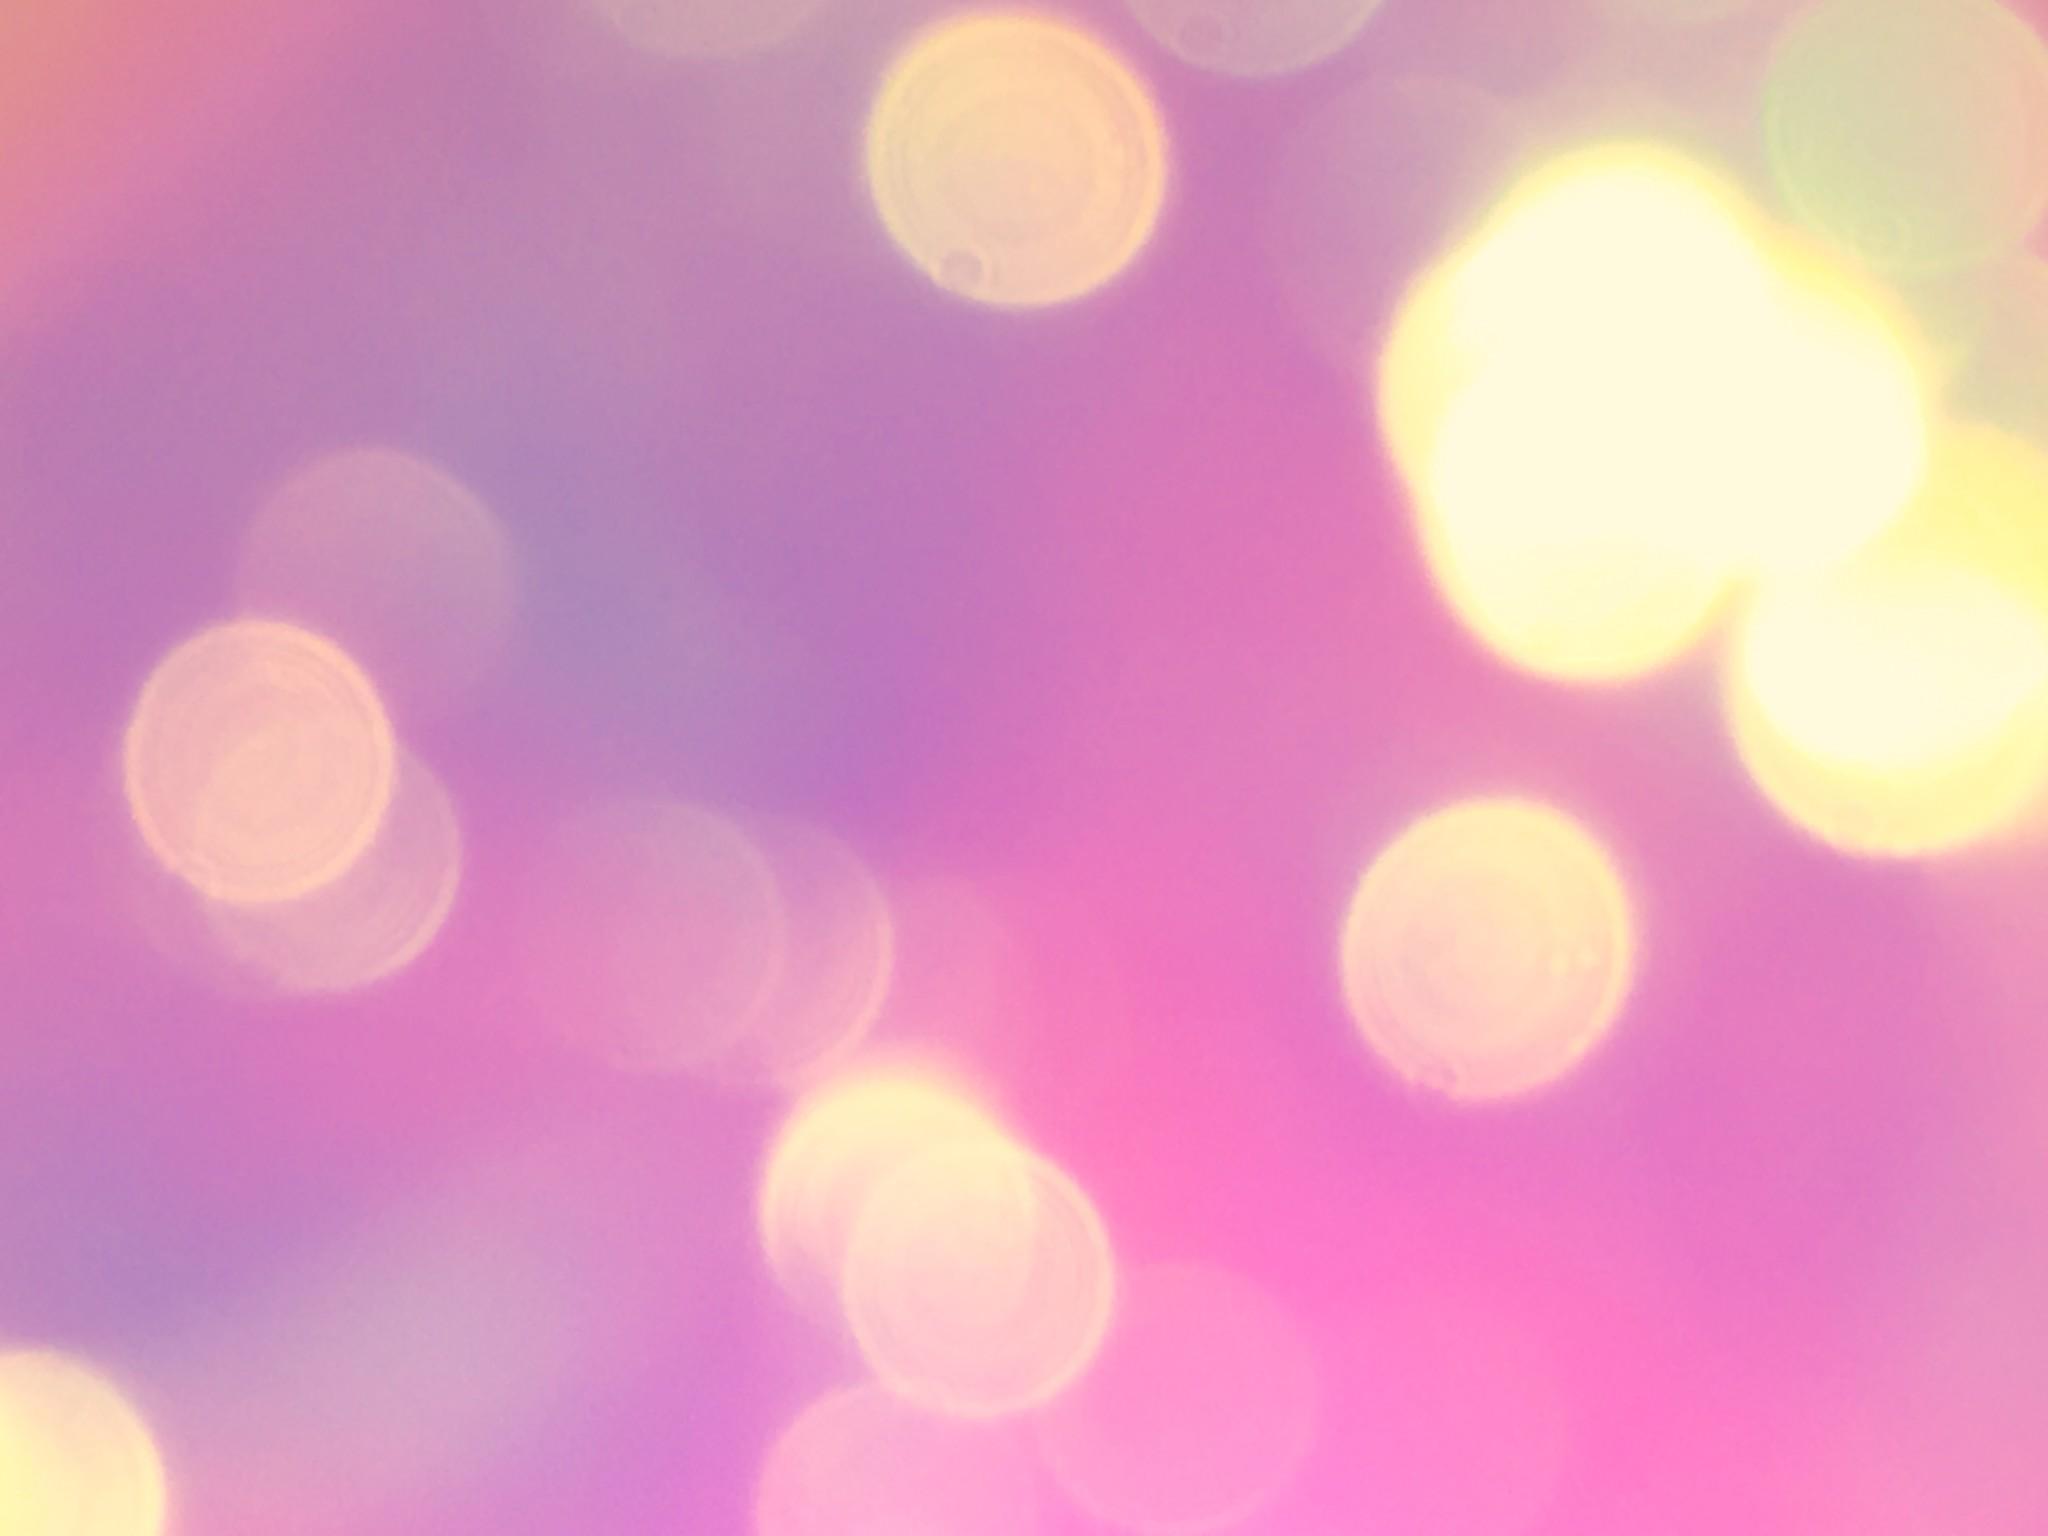 【無料素材】キラキラ・ネオン・グリッターのフリー画像まとめ